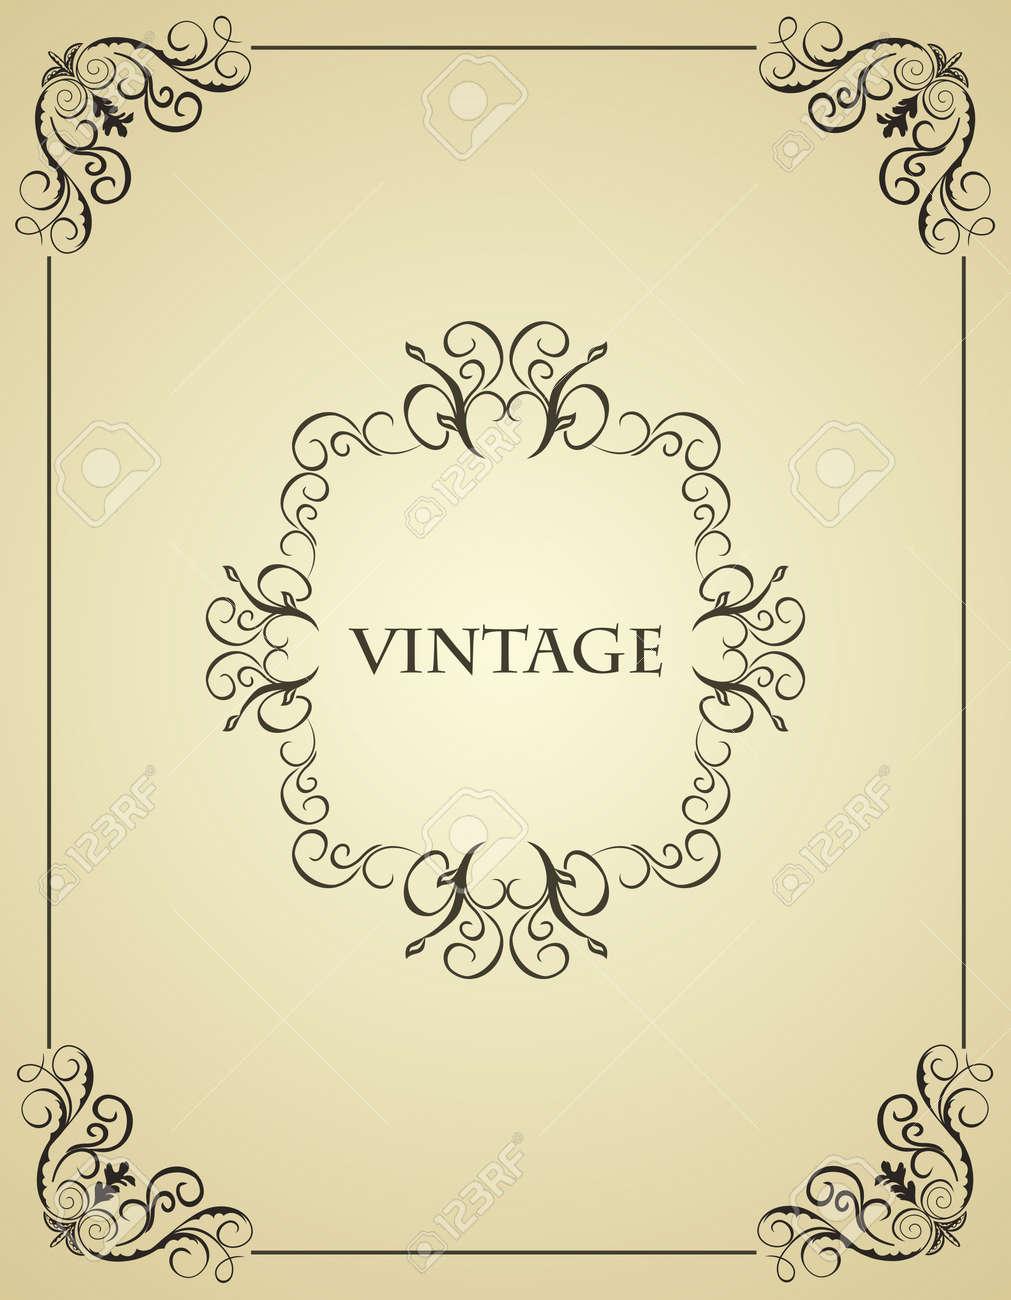 Illustration vintage background card for design Stock Vector - 7589658